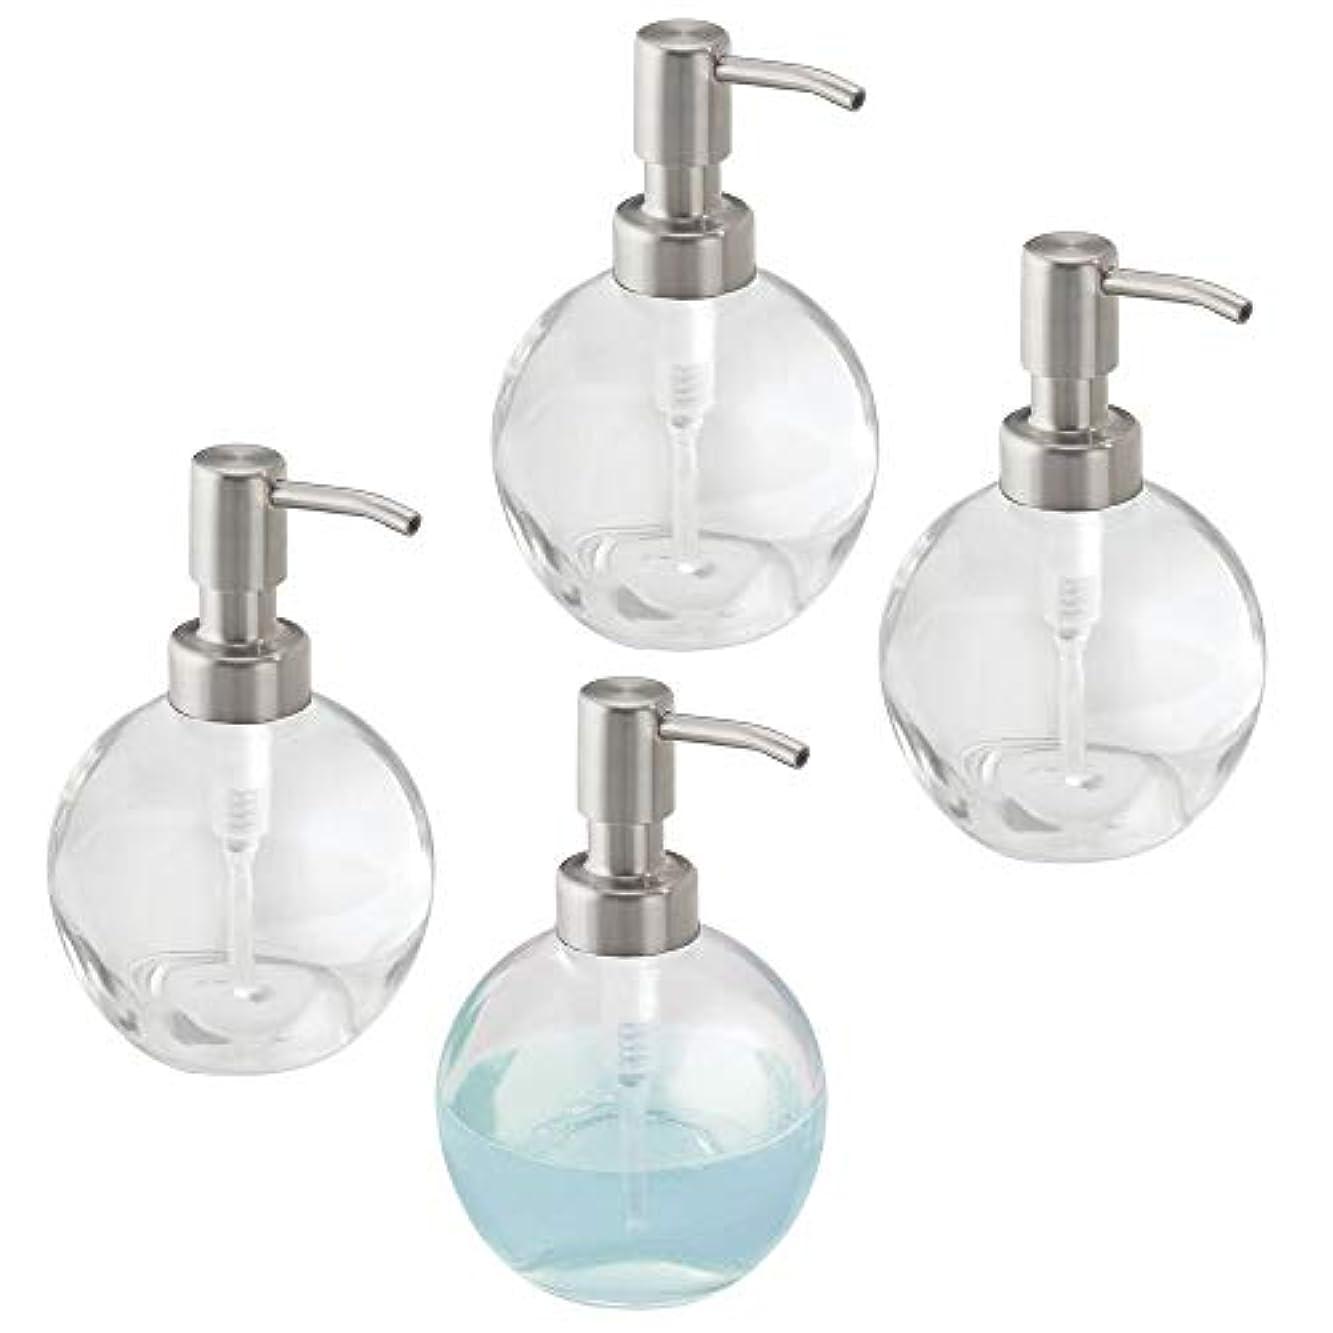 コーナー洋服意識的mDesign Liquid Hand Soapガラスディスペンサーポンプボトルのキッチン、バスルーム|もCan Be Used For Hand Lotion & Essential Oils – 4のパック、ラウンド...